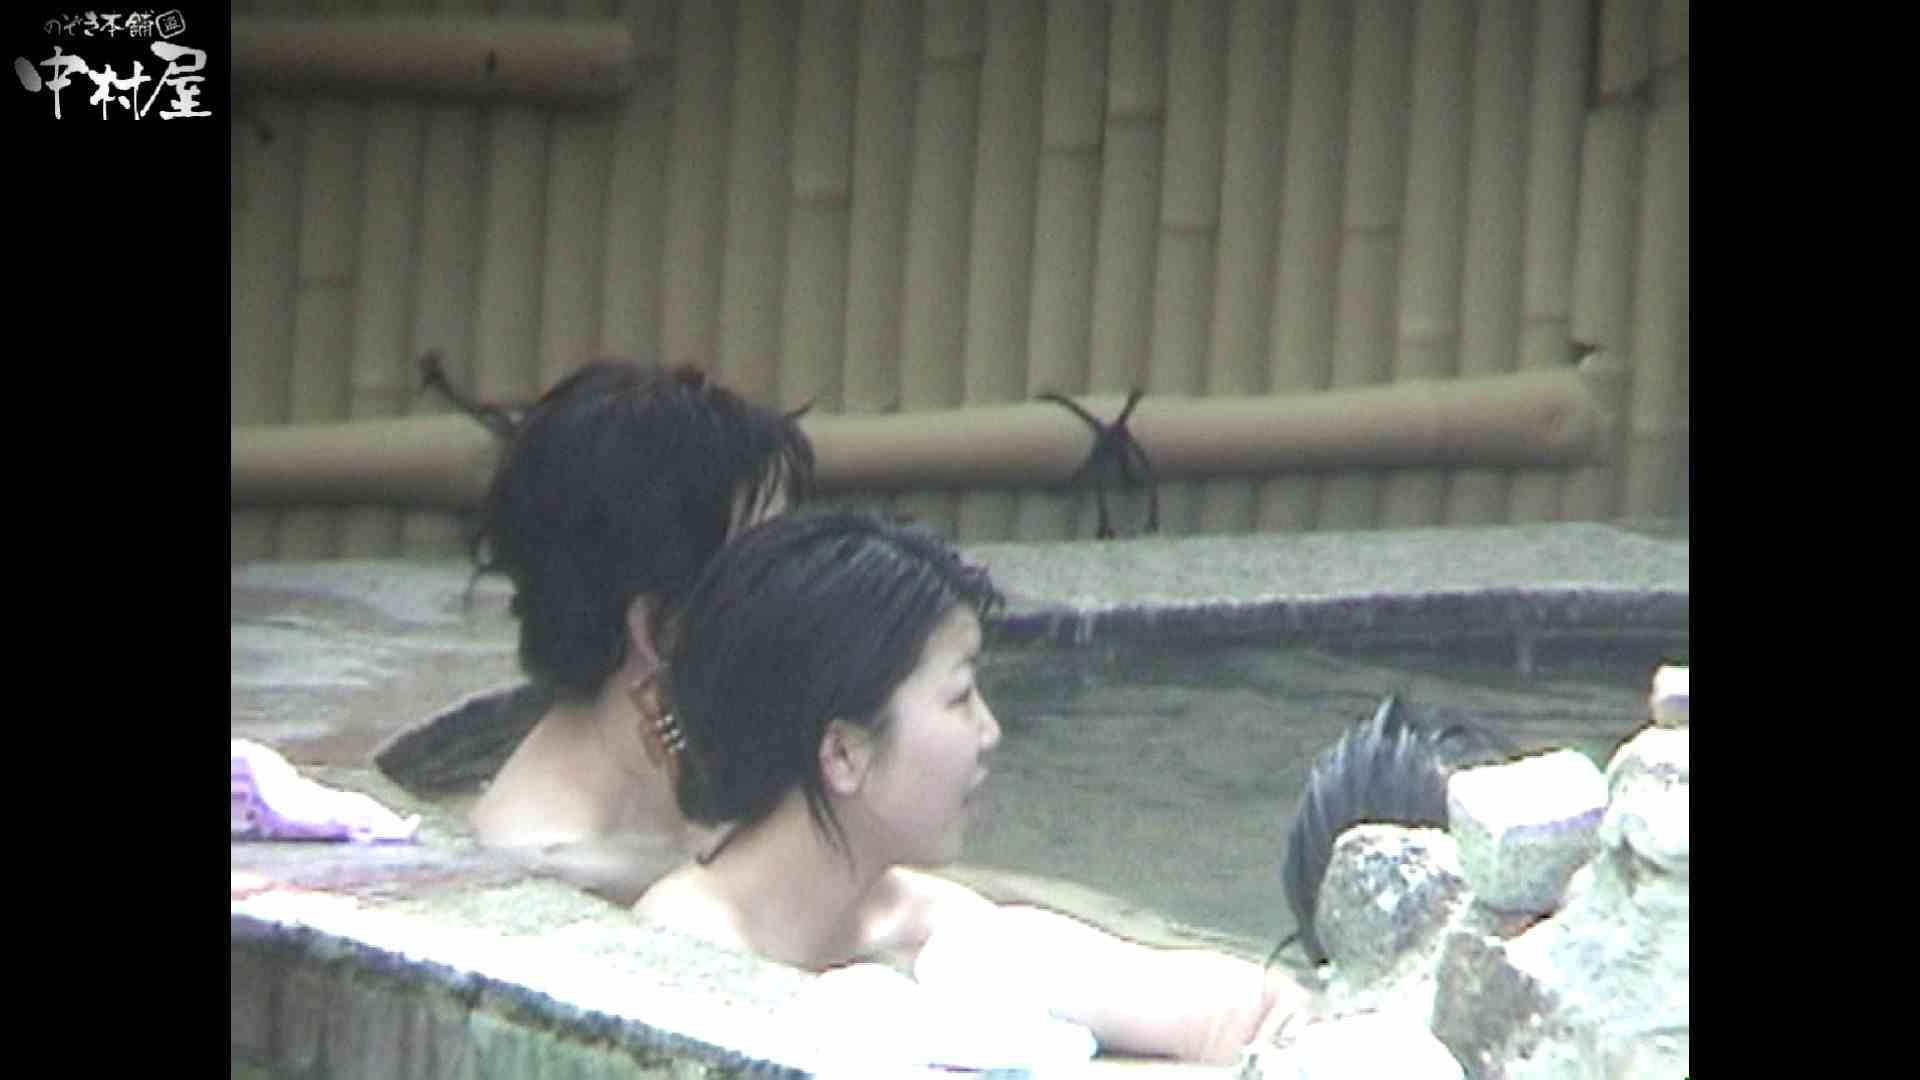 Aquaな露天風呂Vol.936 盗撮  75画像 30